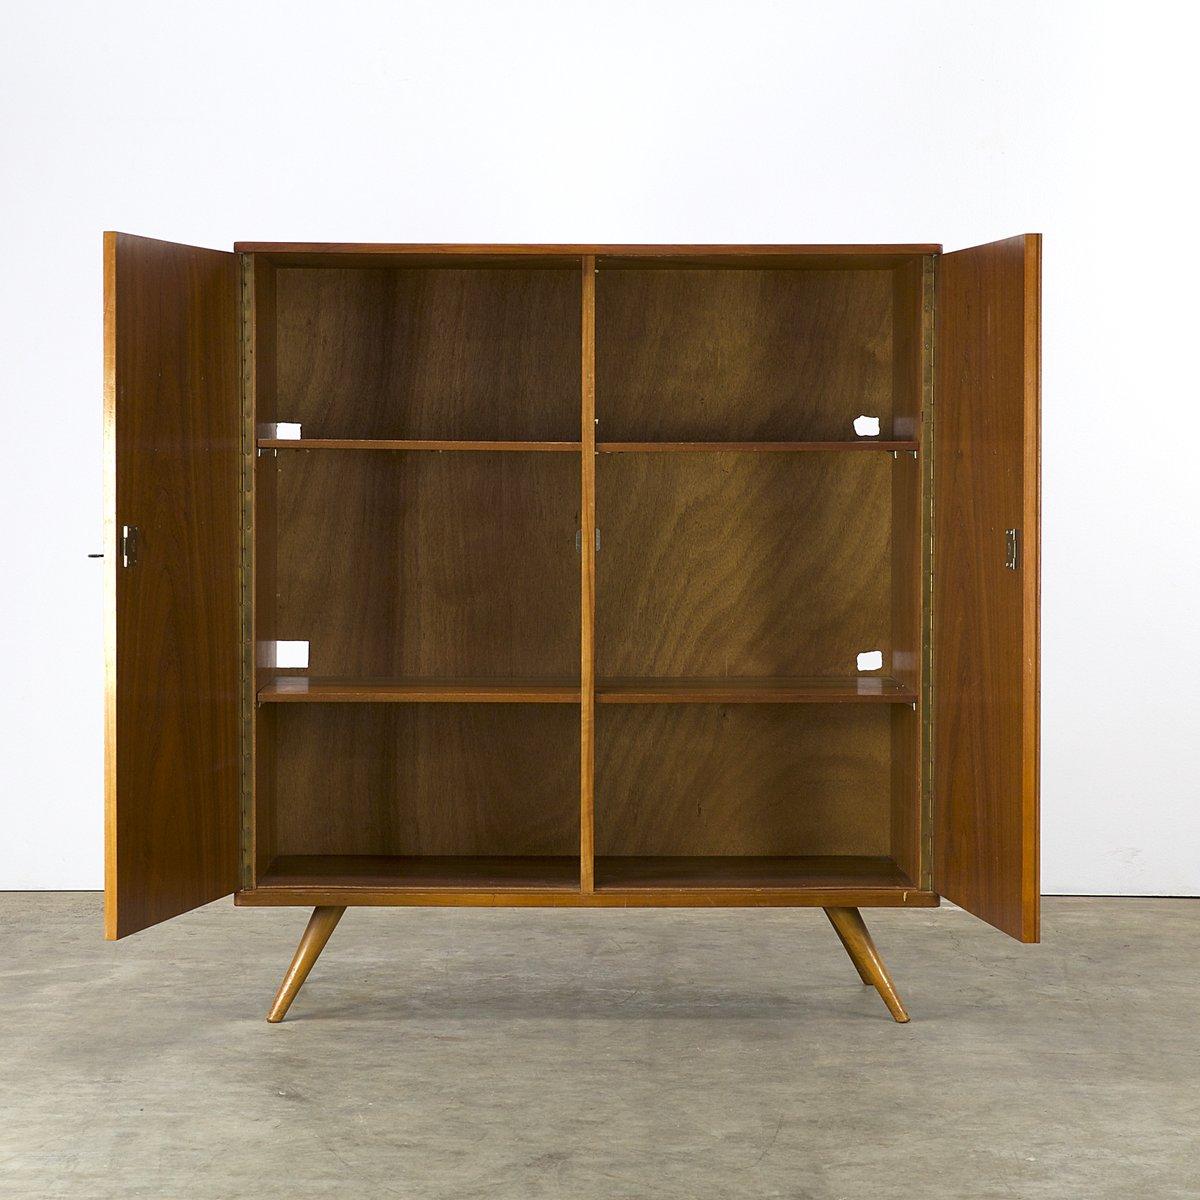 schrank mit geschnitzten tiermotiven von louis van teeffelen f r w b bei pamono kaufen. Black Bedroom Furniture Sets. Home Design Ideas